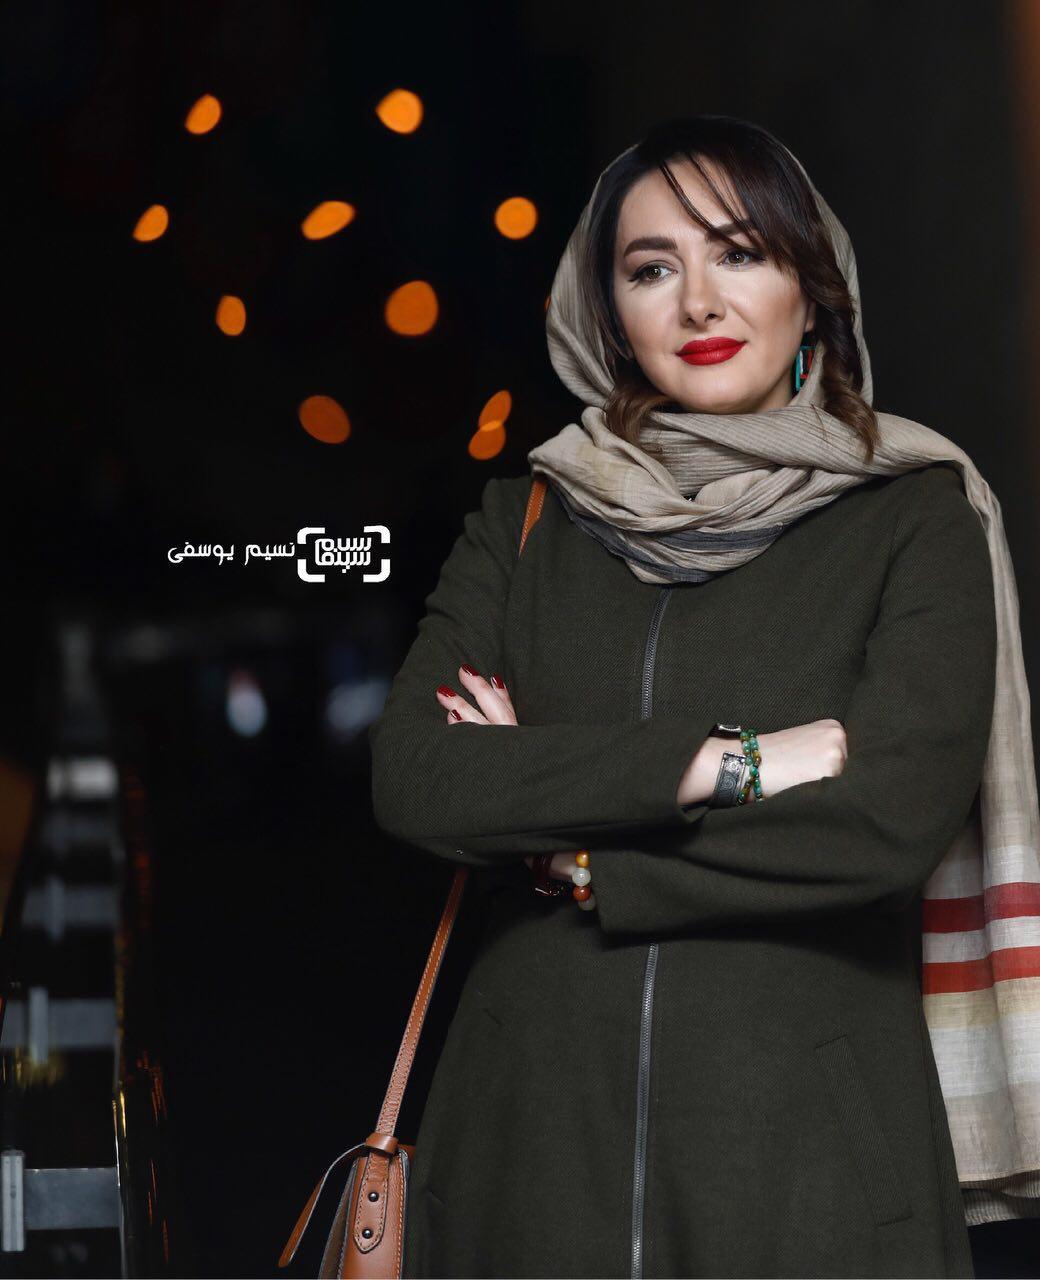 15 عکس برتر جشنواره فیلم فجر از قاب نسیم یوسفی/ هانیه توسلی